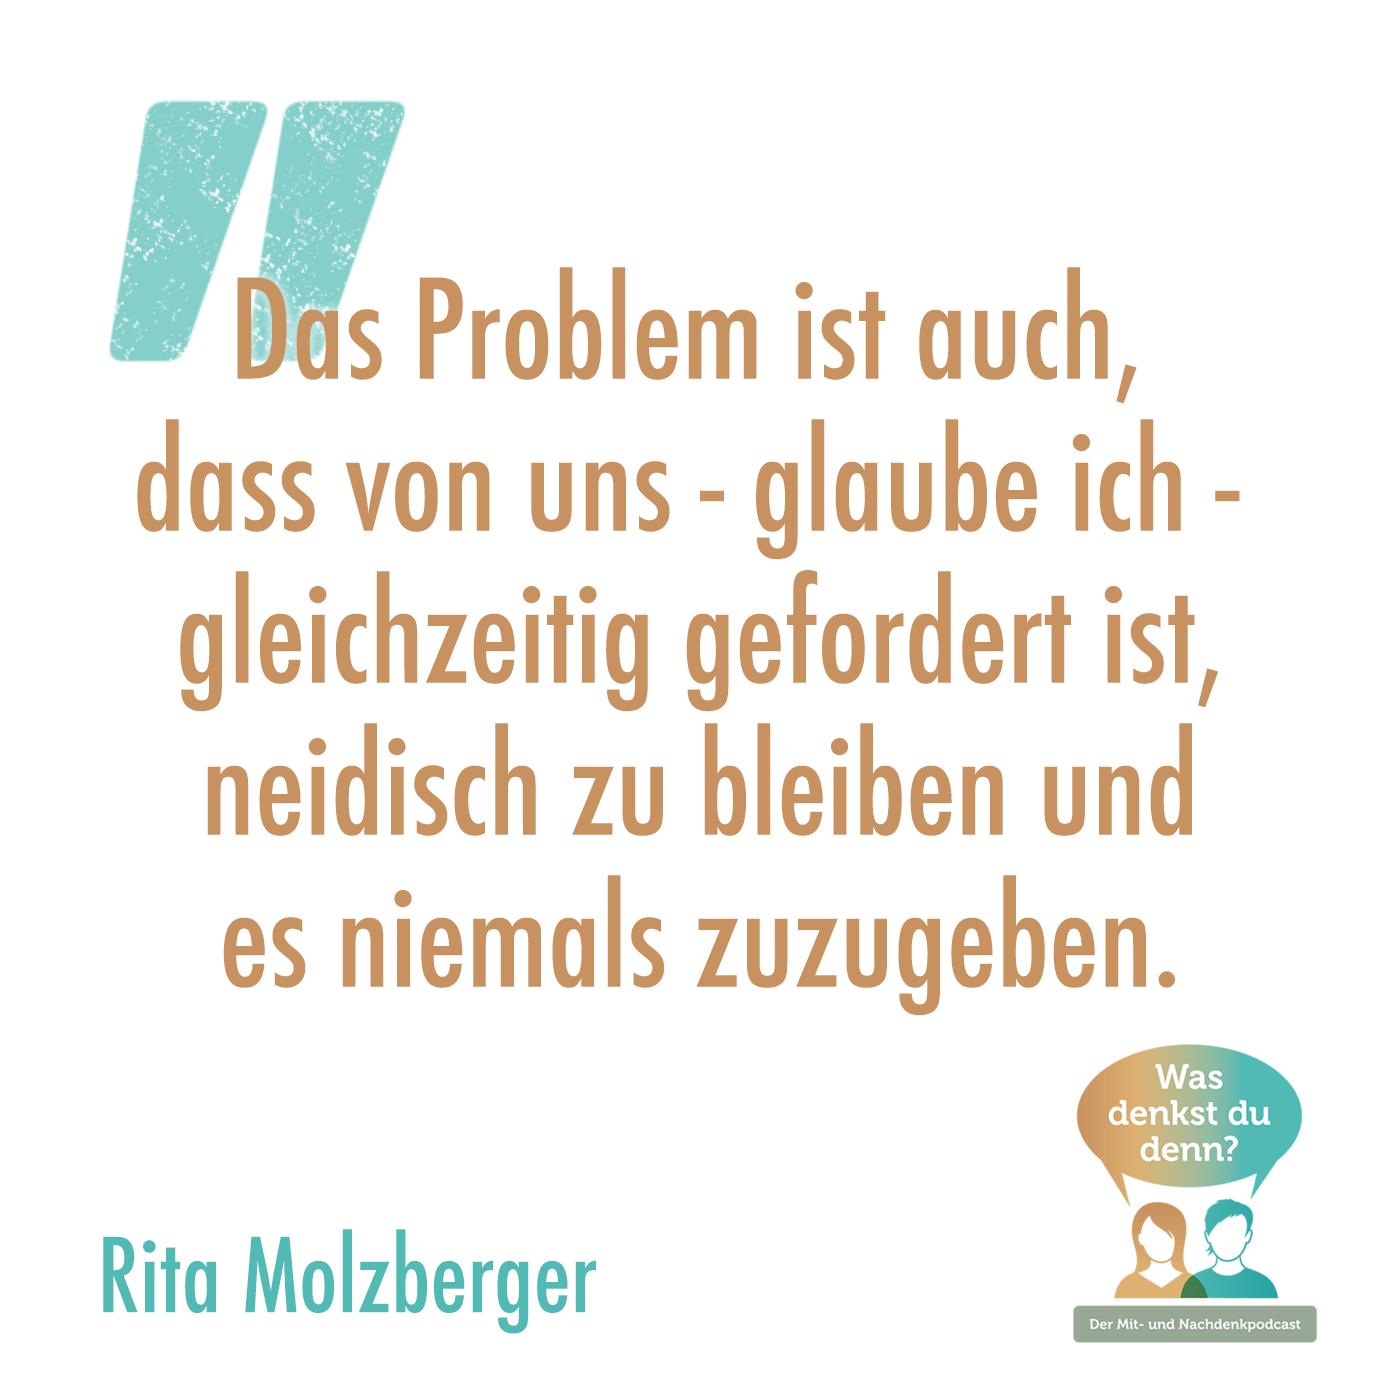 """Zitat von Rita Molzberger: """"Das Problem ist auch, dass von uns - glaube ich - gleichzeitig gefordert ist, neidisch zu bleiben und es niemals zuzugeben."""""""